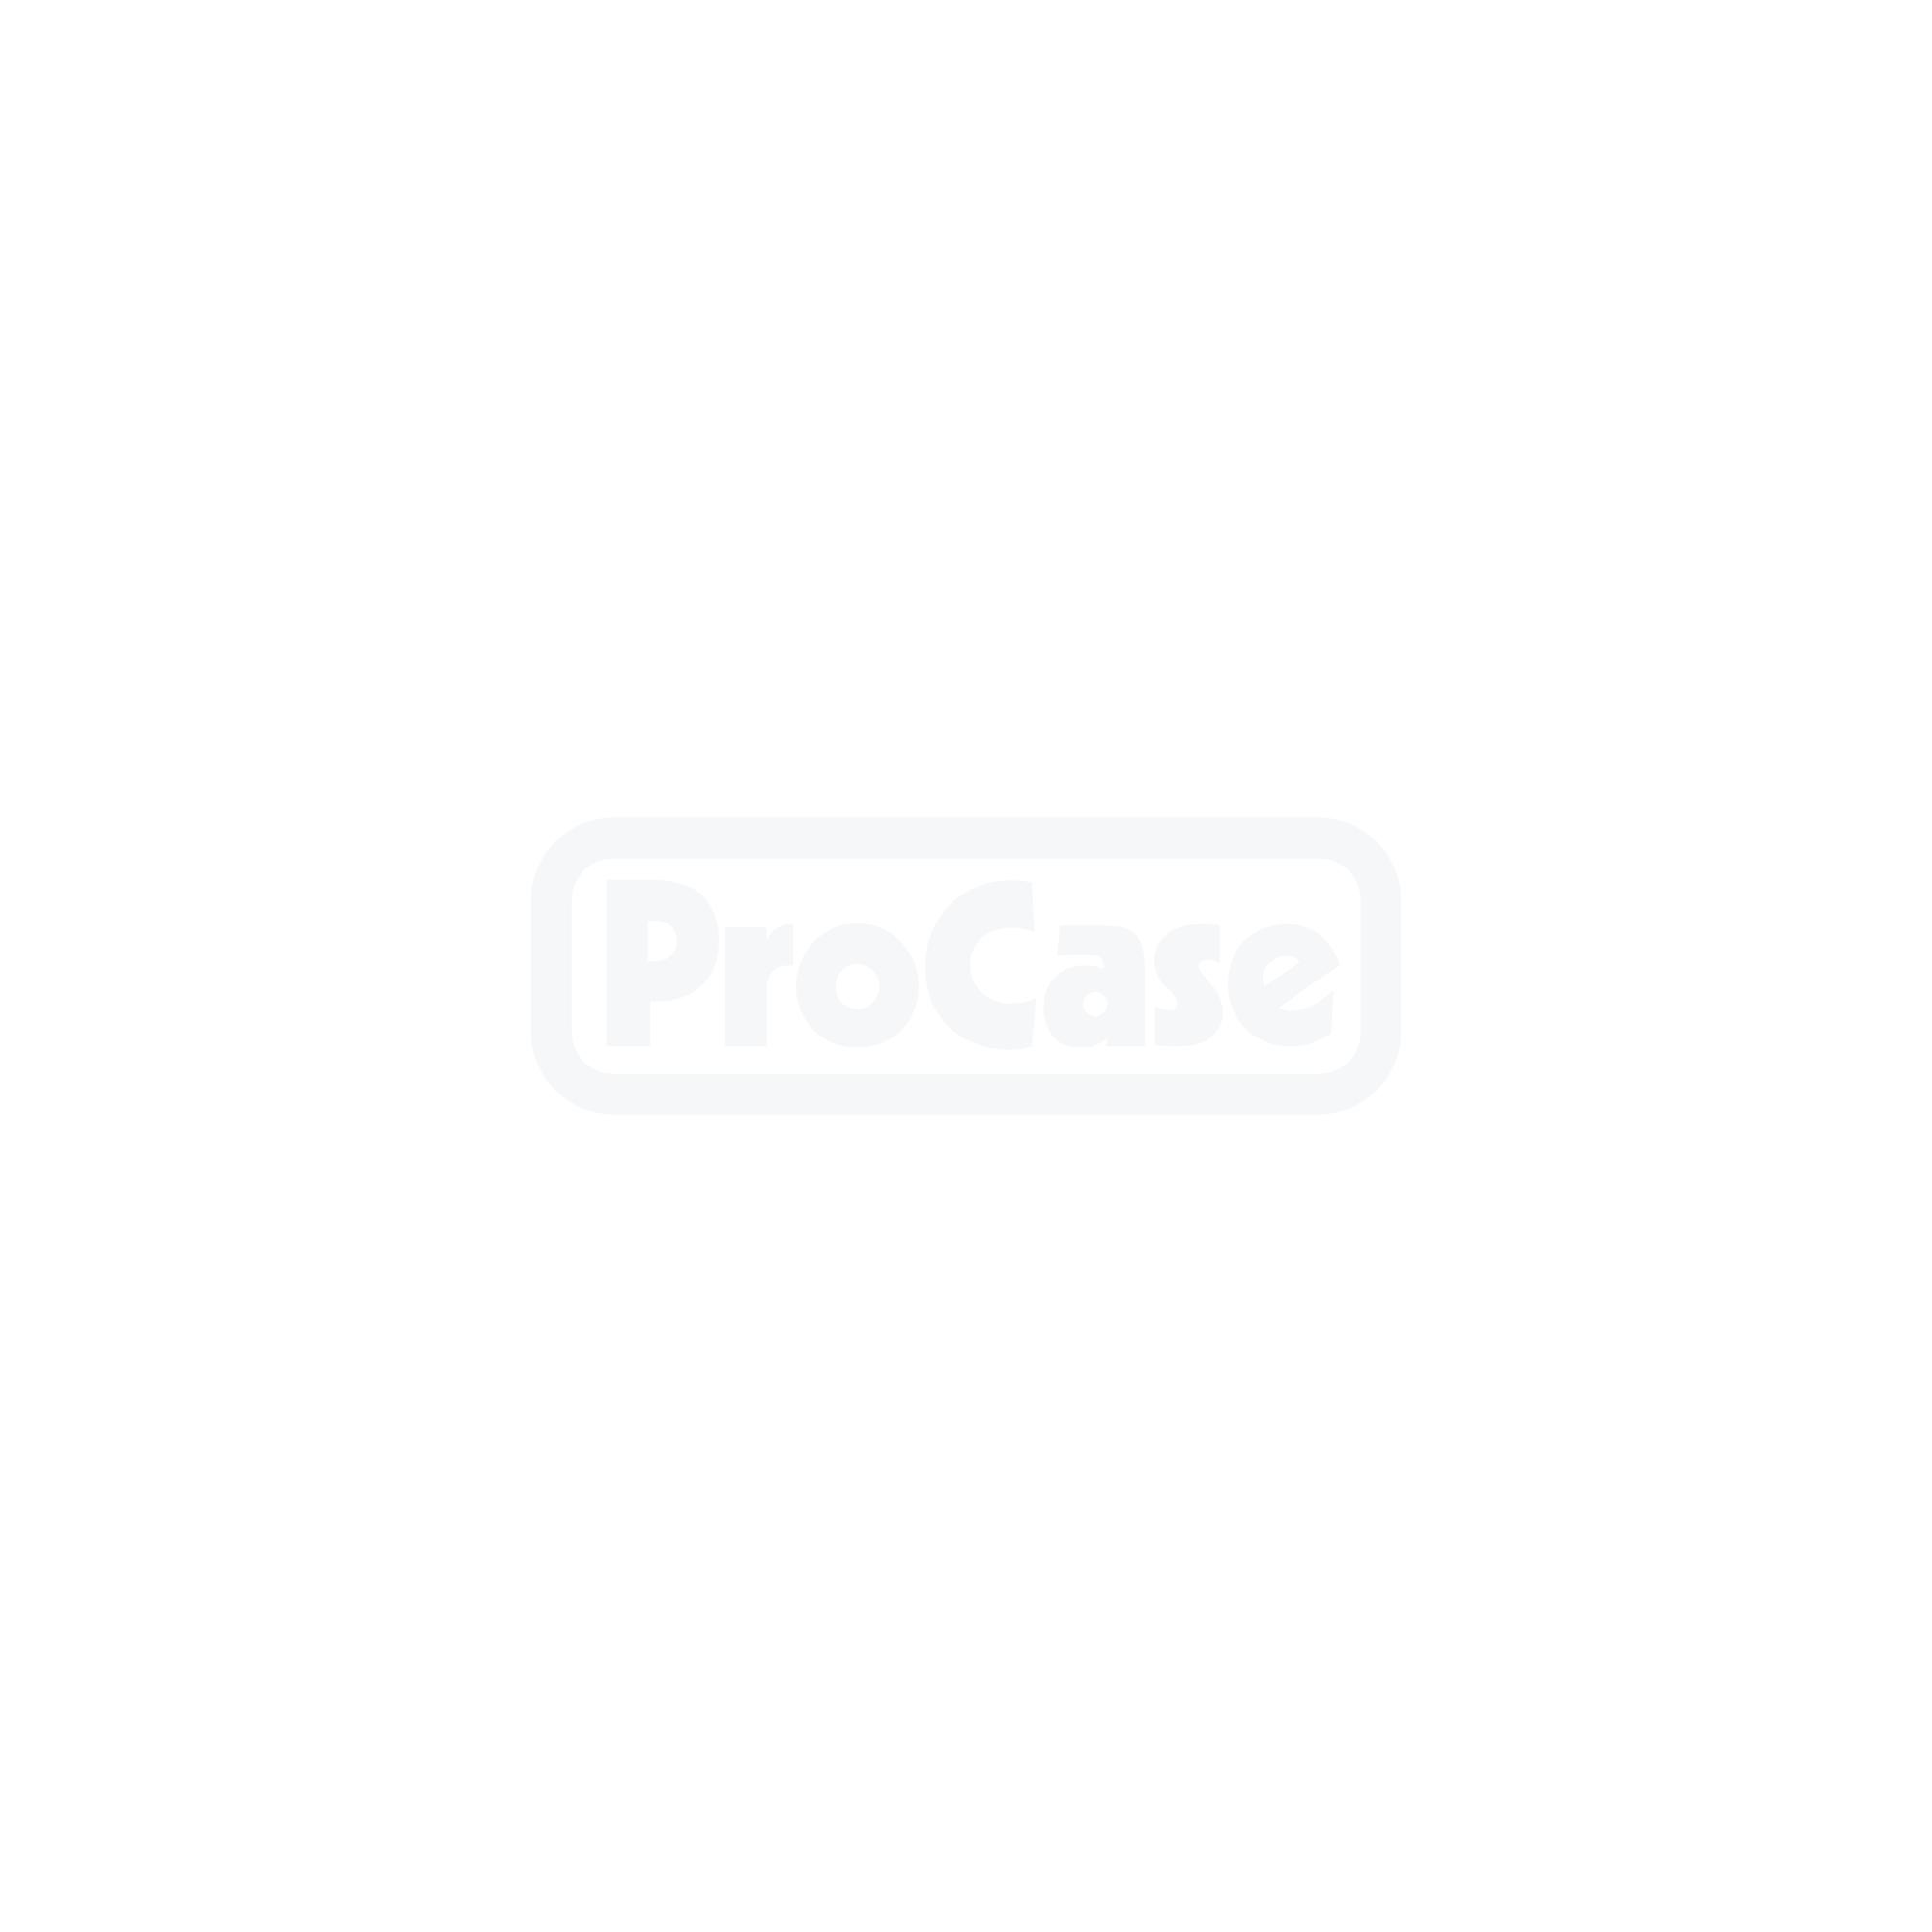 Transportwagen für 2 Shure Microflex MXCWNCS Ladestationen und 1 MXCWAPT